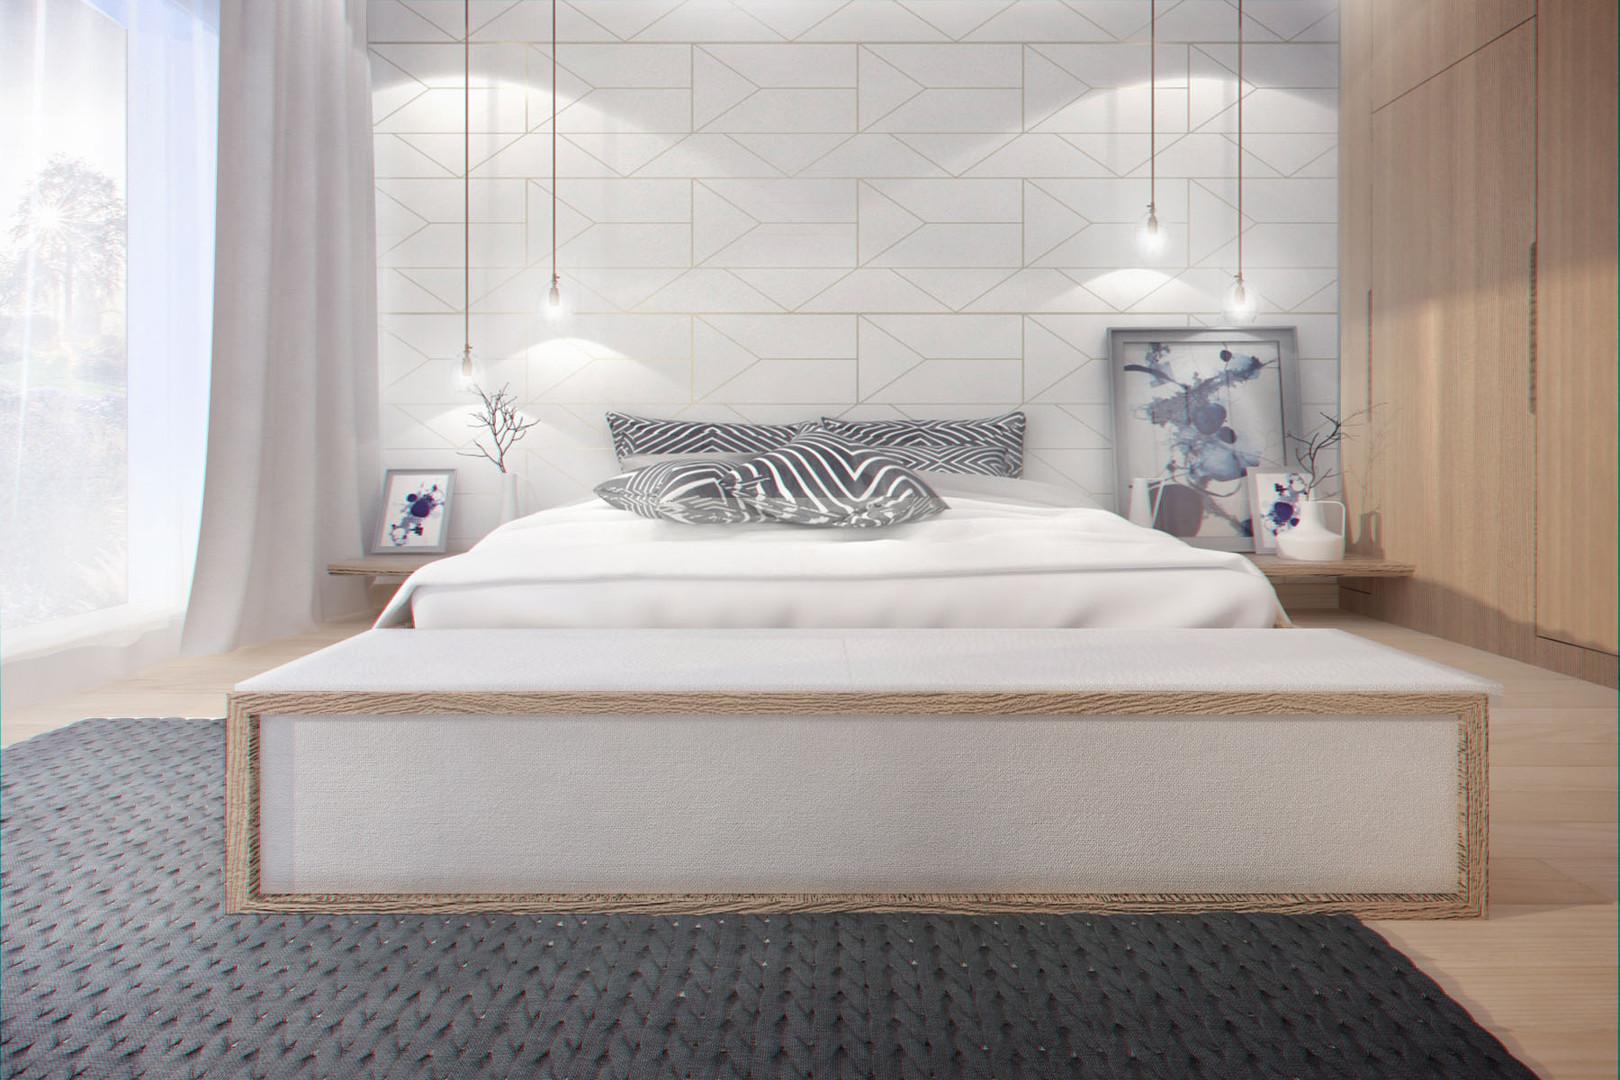 leilighet-design-soverom (1).jpg